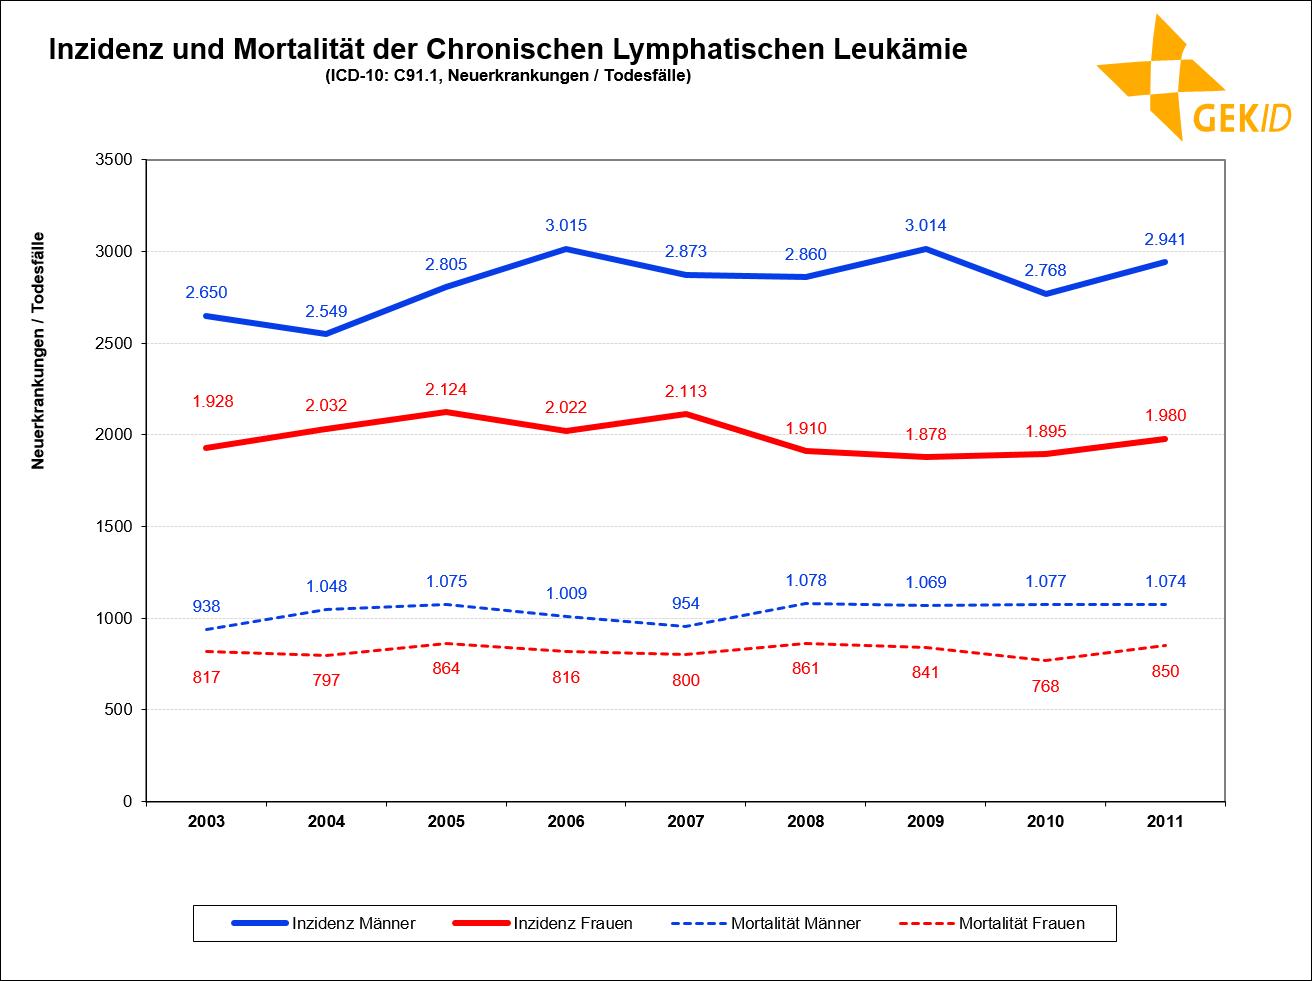 Geschätzte Zahl von Neuerkrankungen und registrierte Zahl von Sterbefällen der CLL in Deutschland